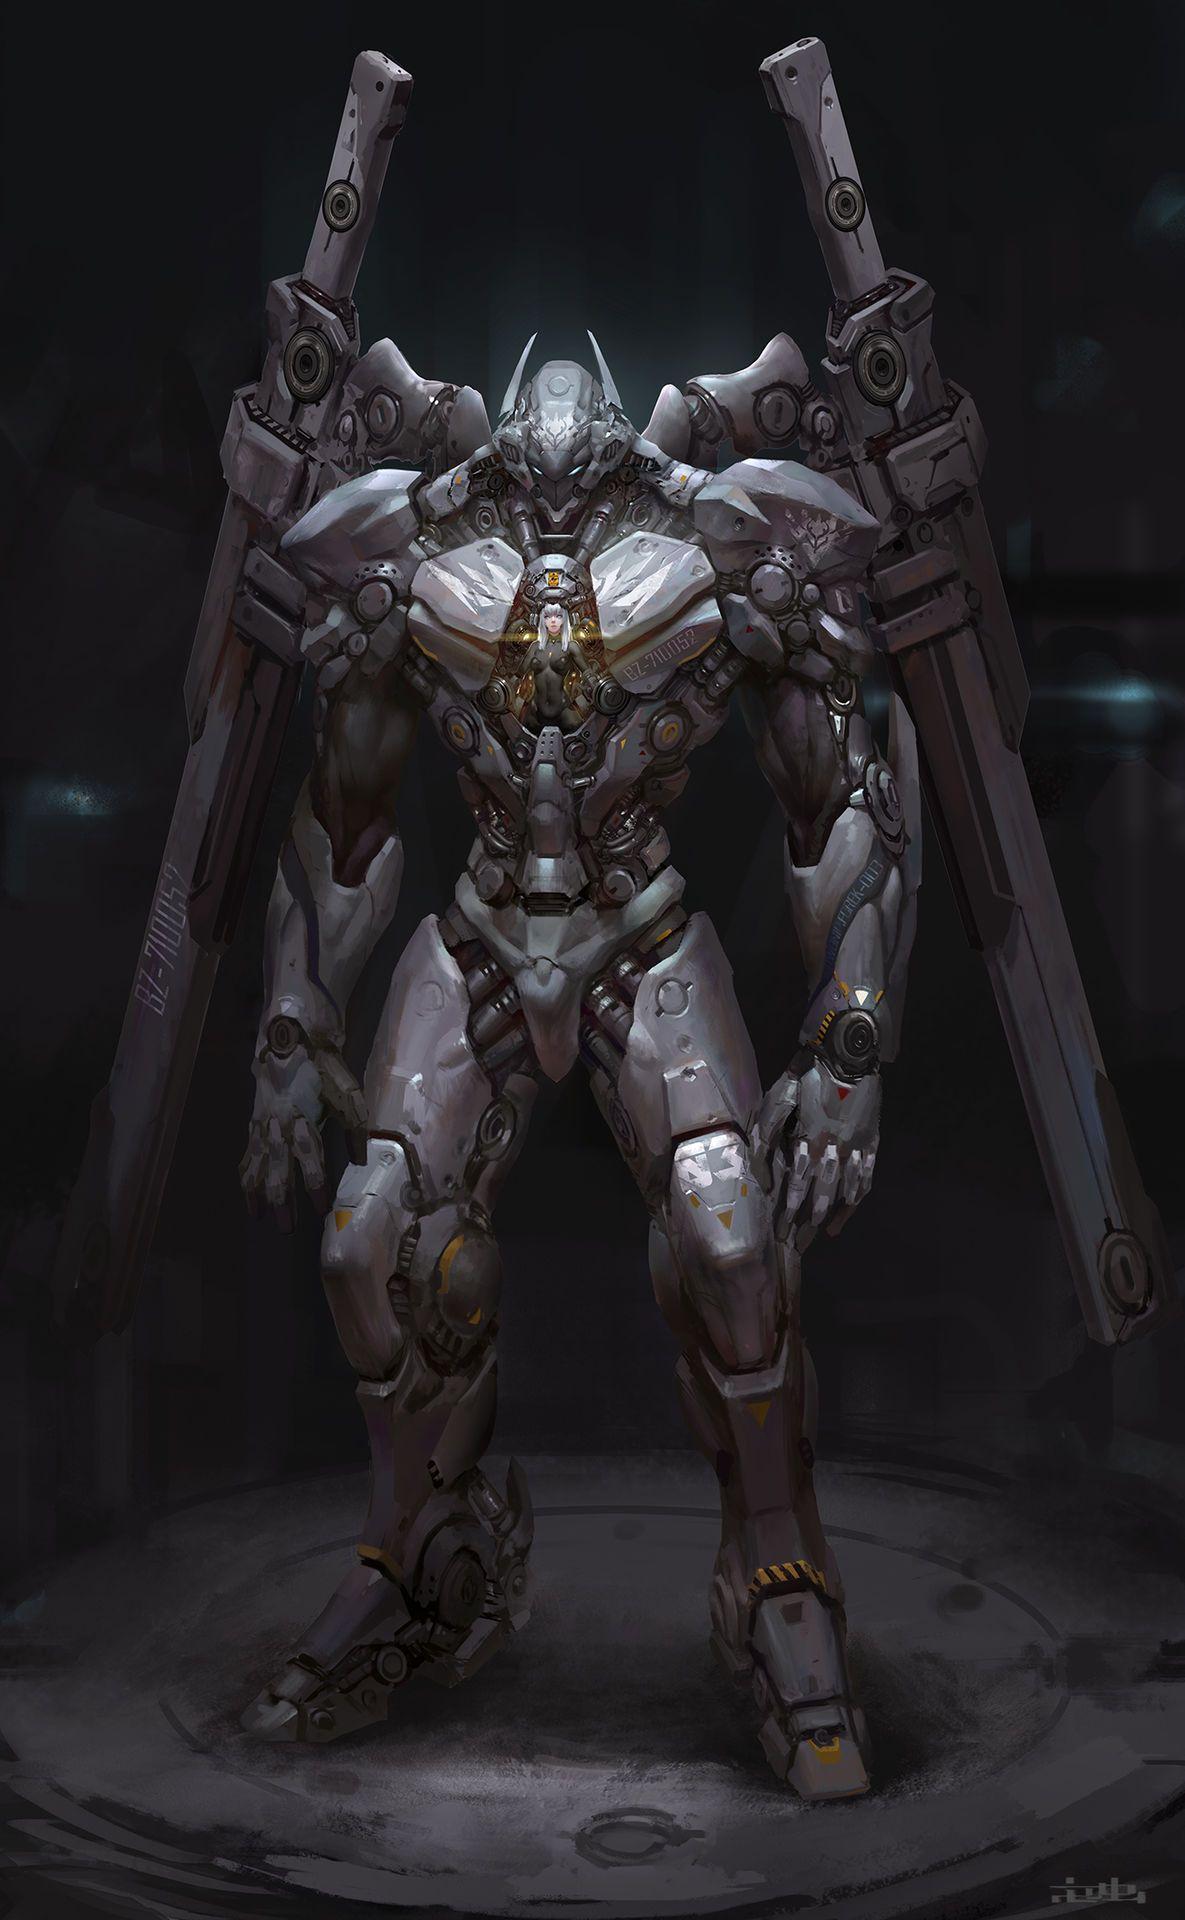 Zhe Concept Art Robot Concept Art Armor Concept Futuristic Armour